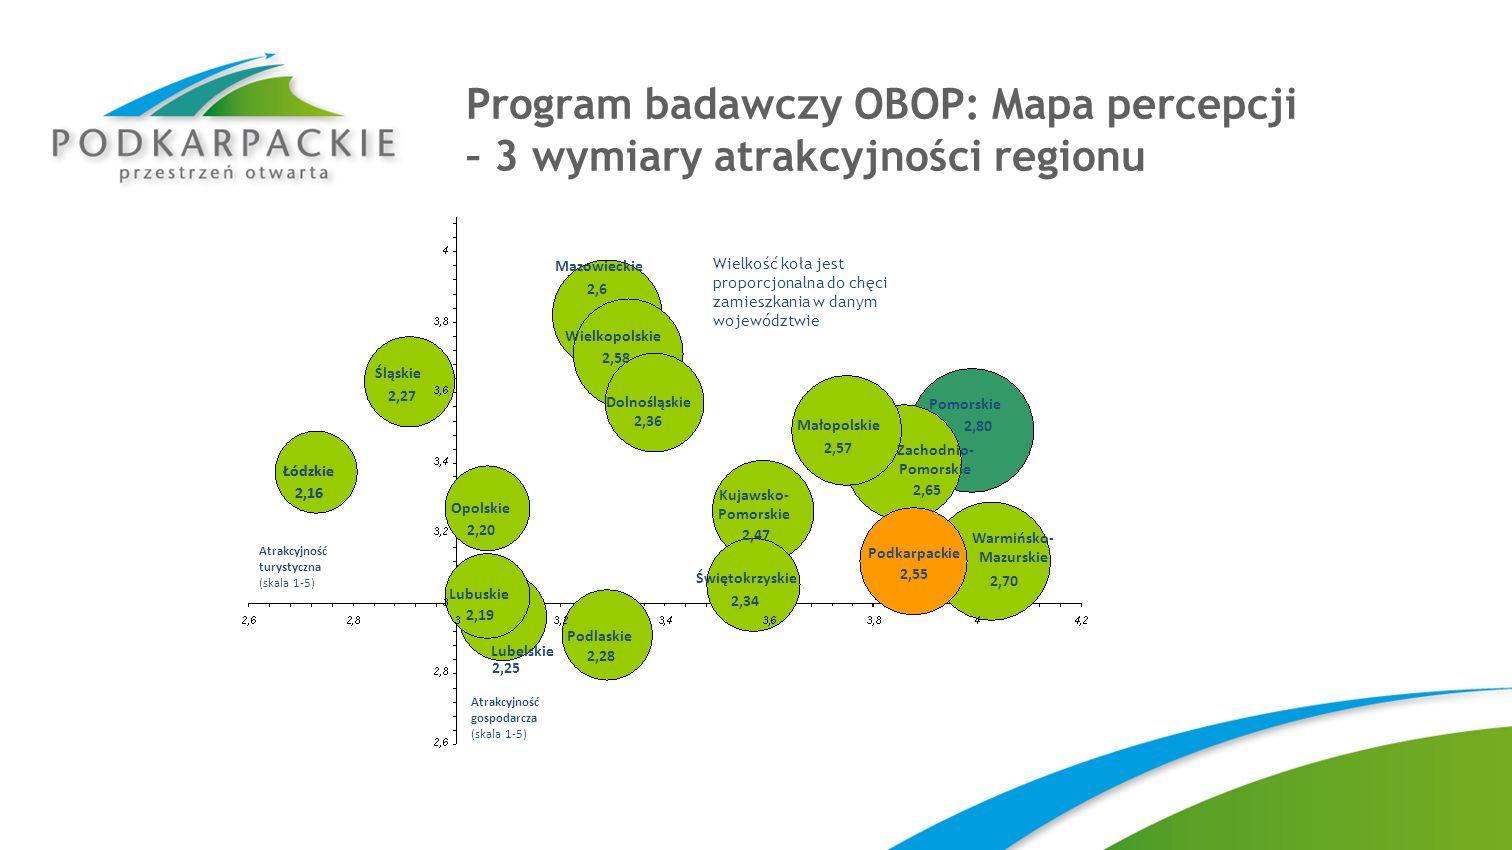 Wnioski z badań i analiz Spostrzeżenia ogólne Województwo podkarpackie to spójna marka o charakterze turystycznym (rozpoznawalna na tle innych regionów w Polsce) Zidentyfikowane, najsilniejsze submarki mają charakter turystyczny i wpływają na postrzeganie całego województwa Najsilniejszą marką województwa są Bieszczady, które są z nim bezpośrednio utożsamiane Skojarzenia w obszarze kultury oparte są w głównej mierze o miejsca, (Łańcut, Przemyśl), a nie wydarzenia (potencjał turystyczny) Brak silnych, gospodarczych skojarzeń związanych z województwem